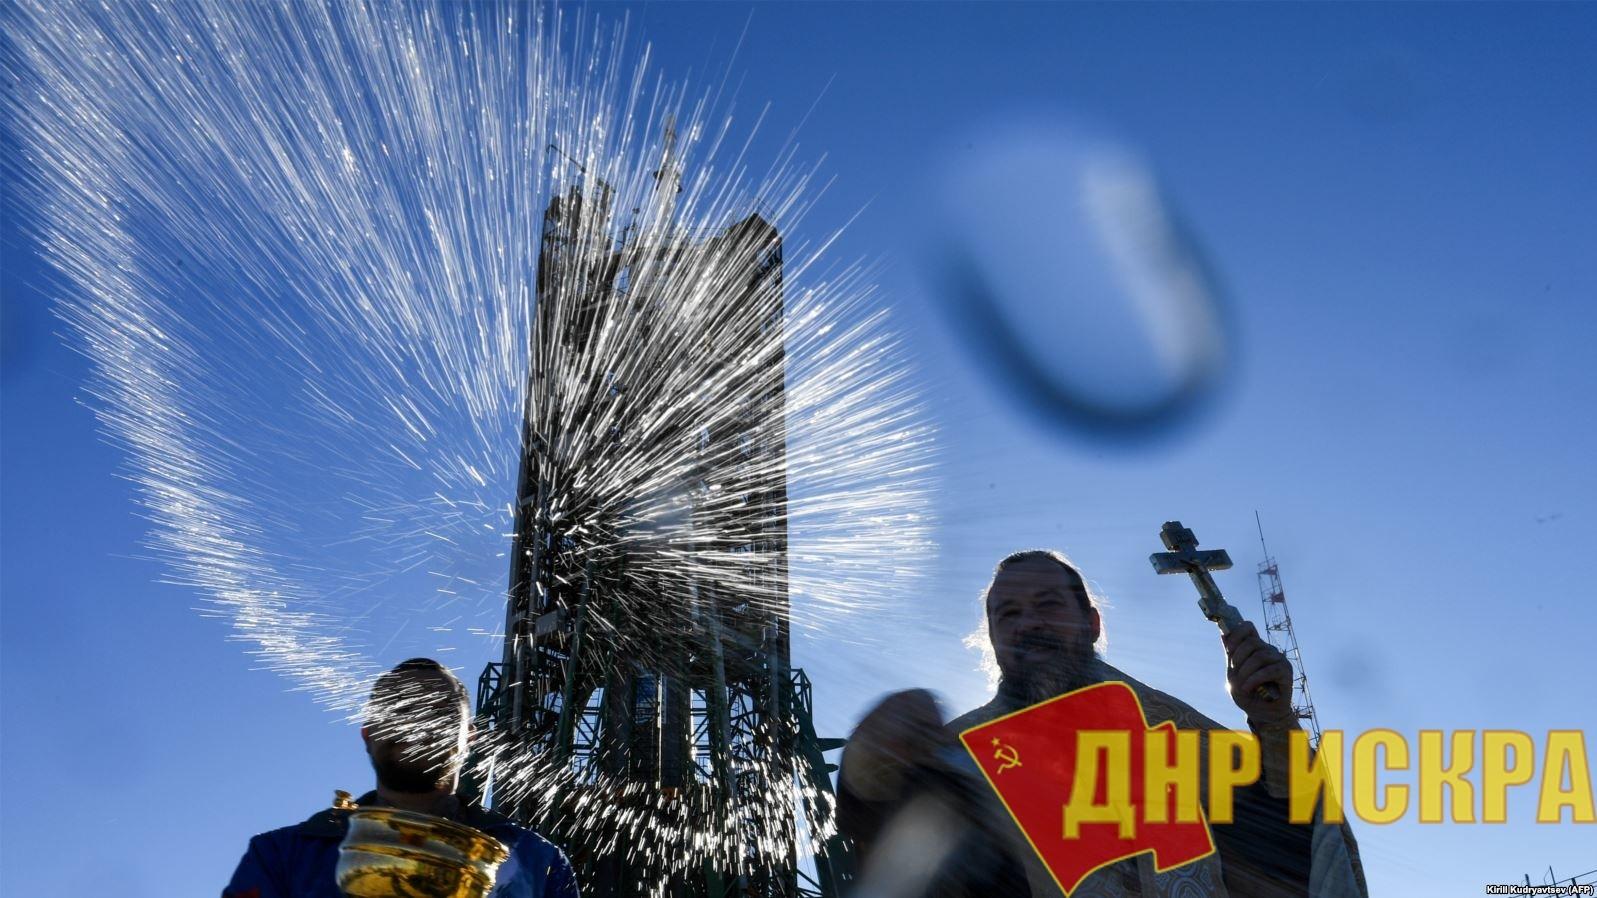 Освящение корабля Союз-МС10 православными священниками перед стартом